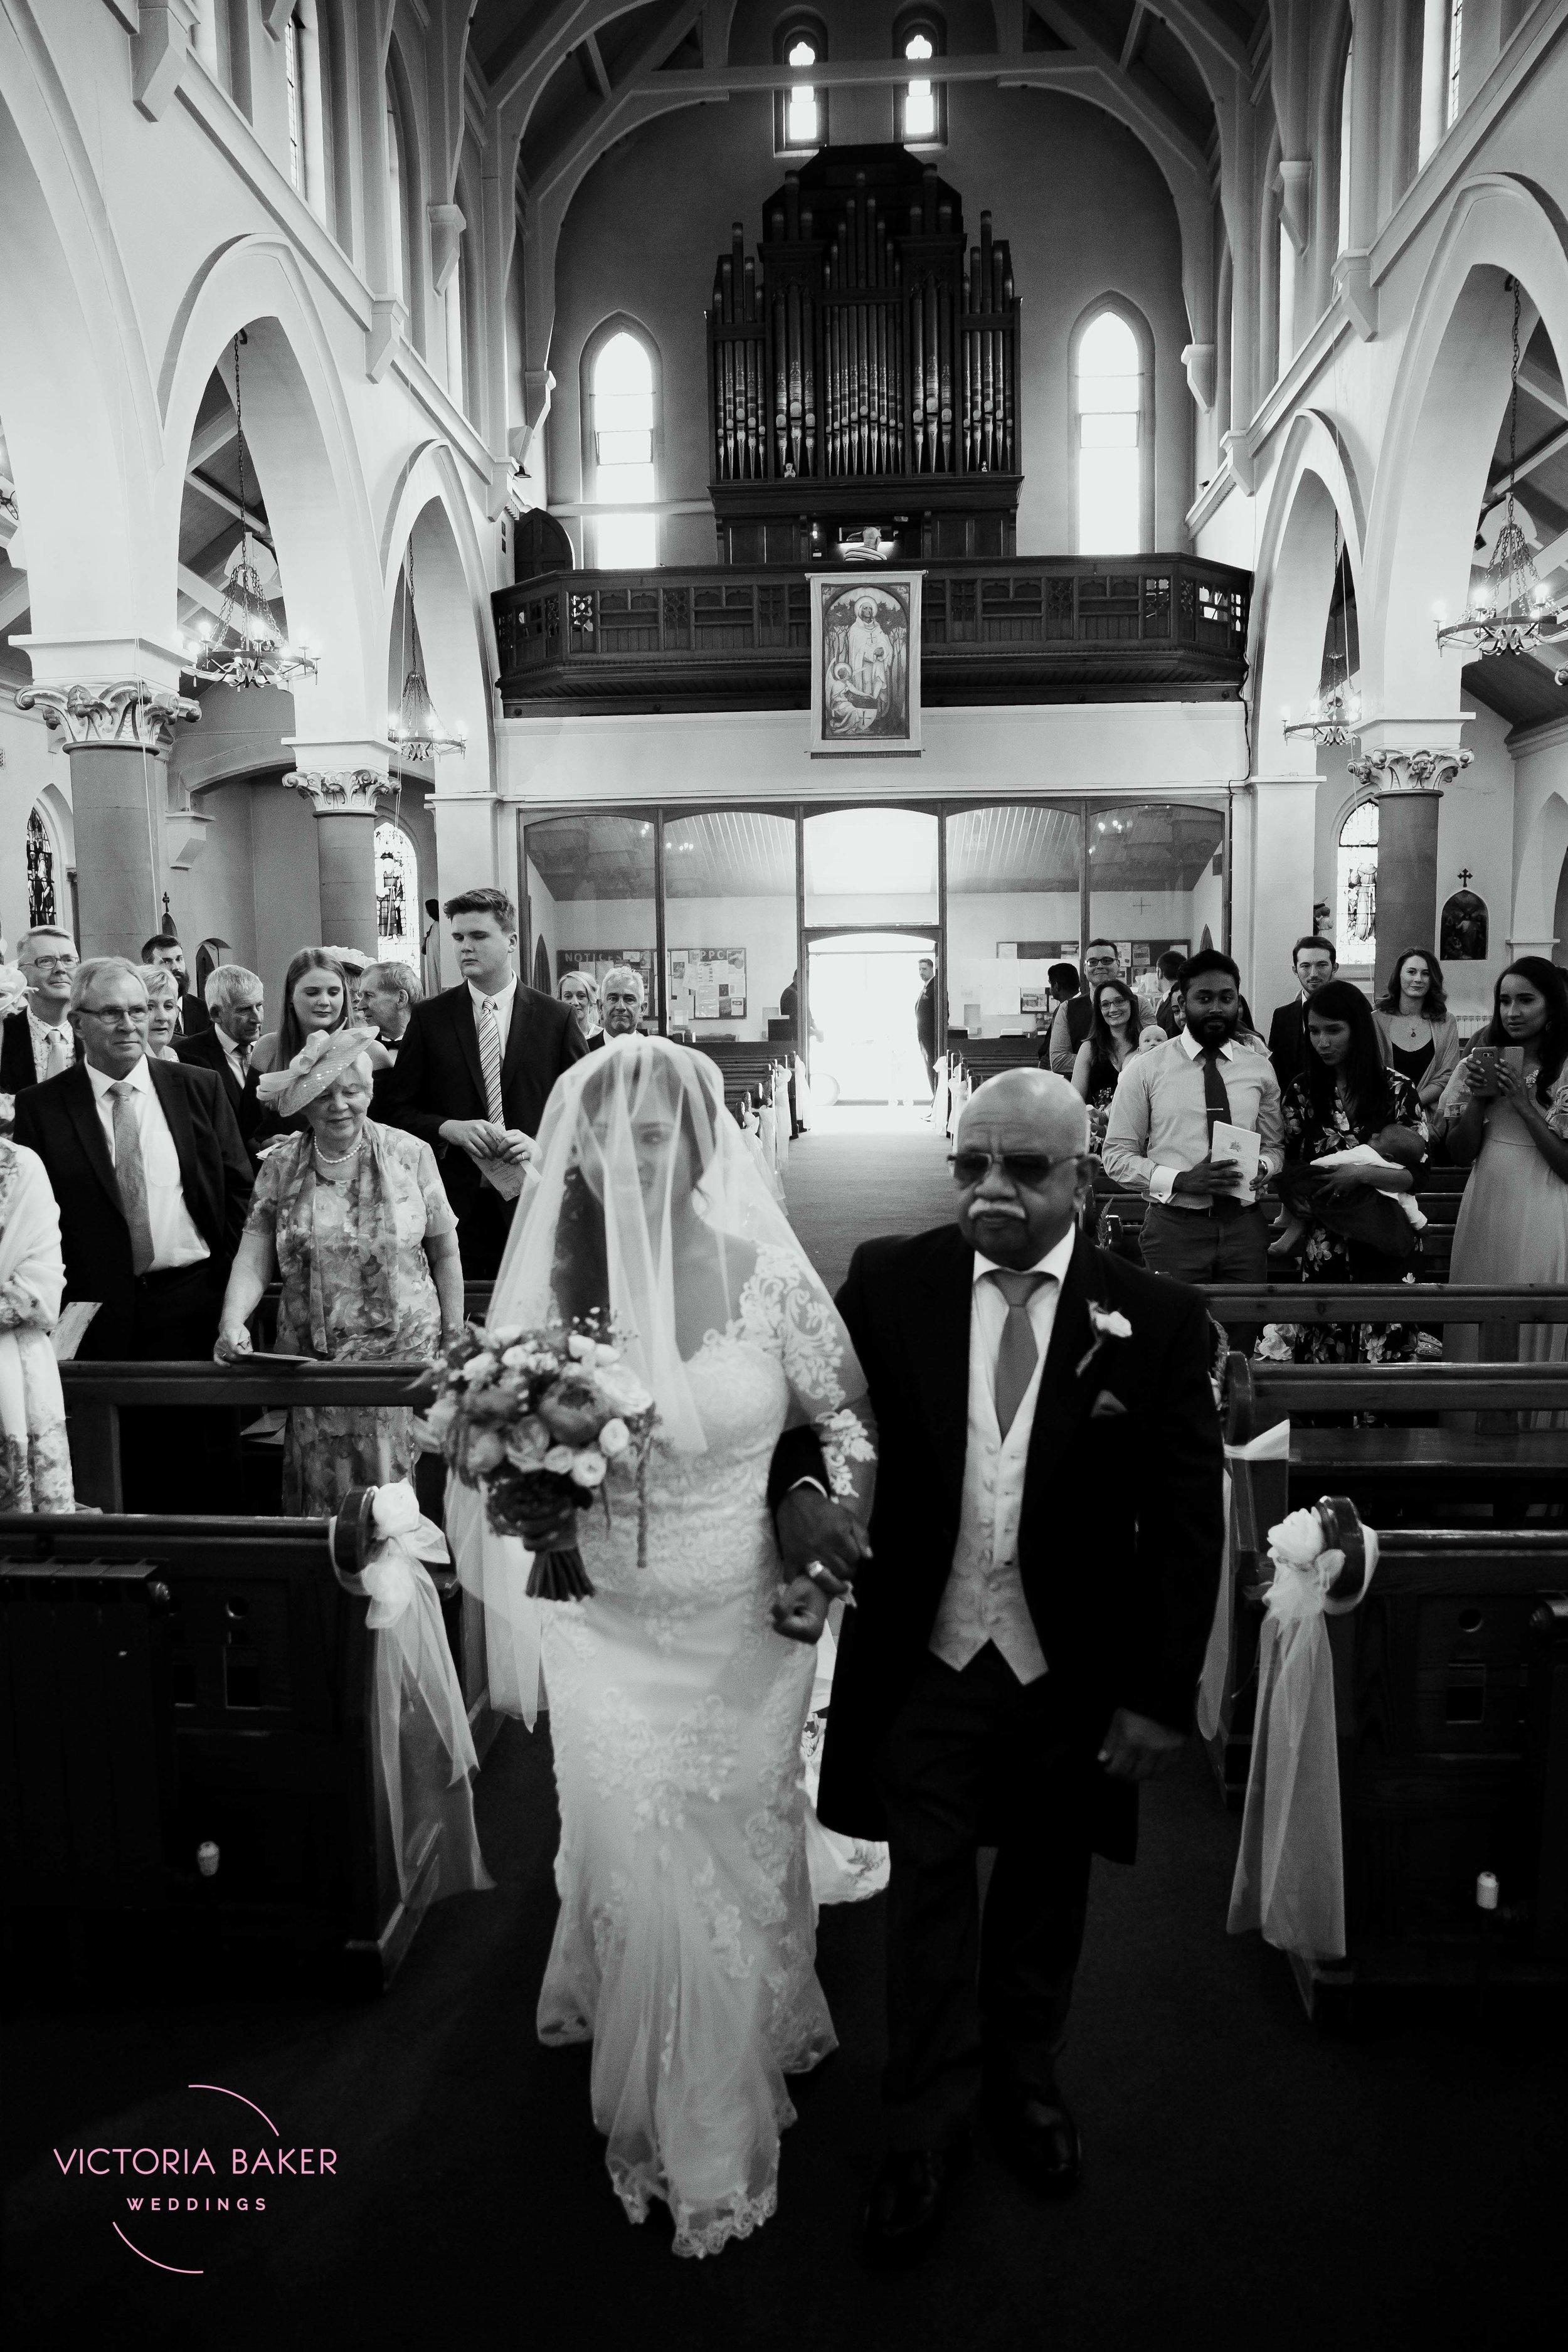 VICTORIABAKERWEDDINGSOlivia&AlexRipleyCastleWeddingPhotography-195.jpg